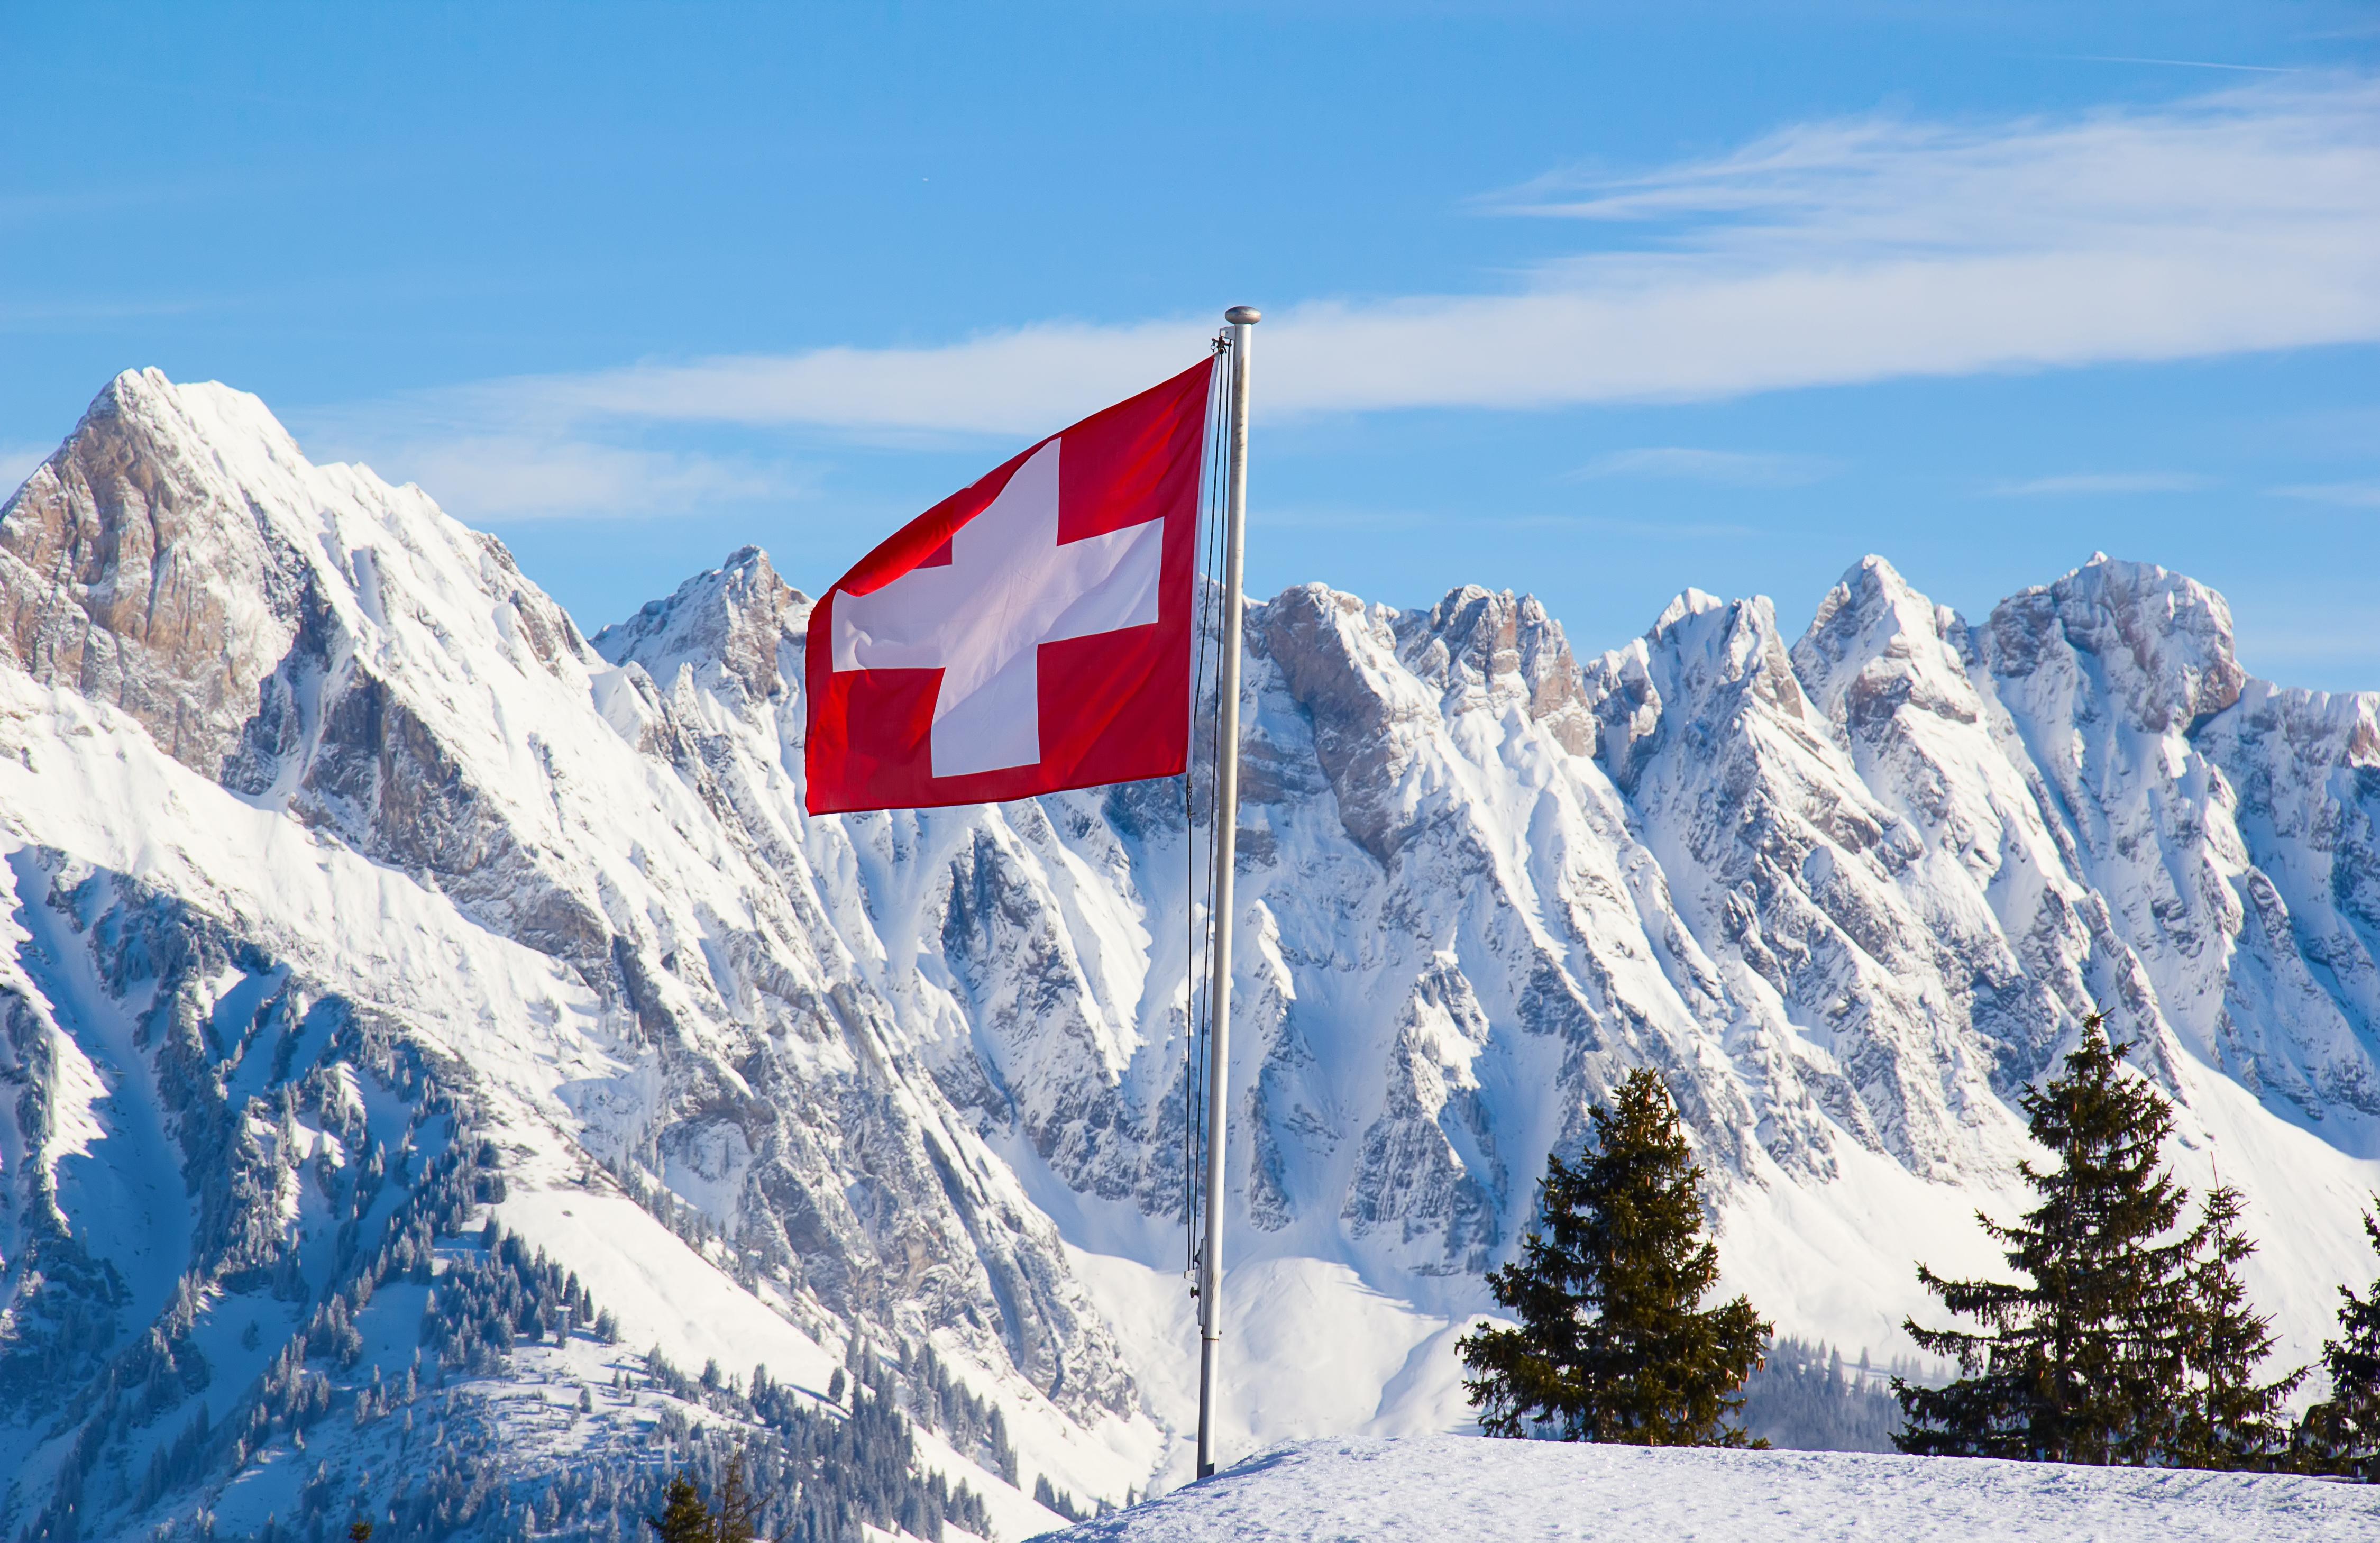 Флаг на фоне гор в Швейцарии, ВНЖ которой могут получить россияне, украинцы и белорусы